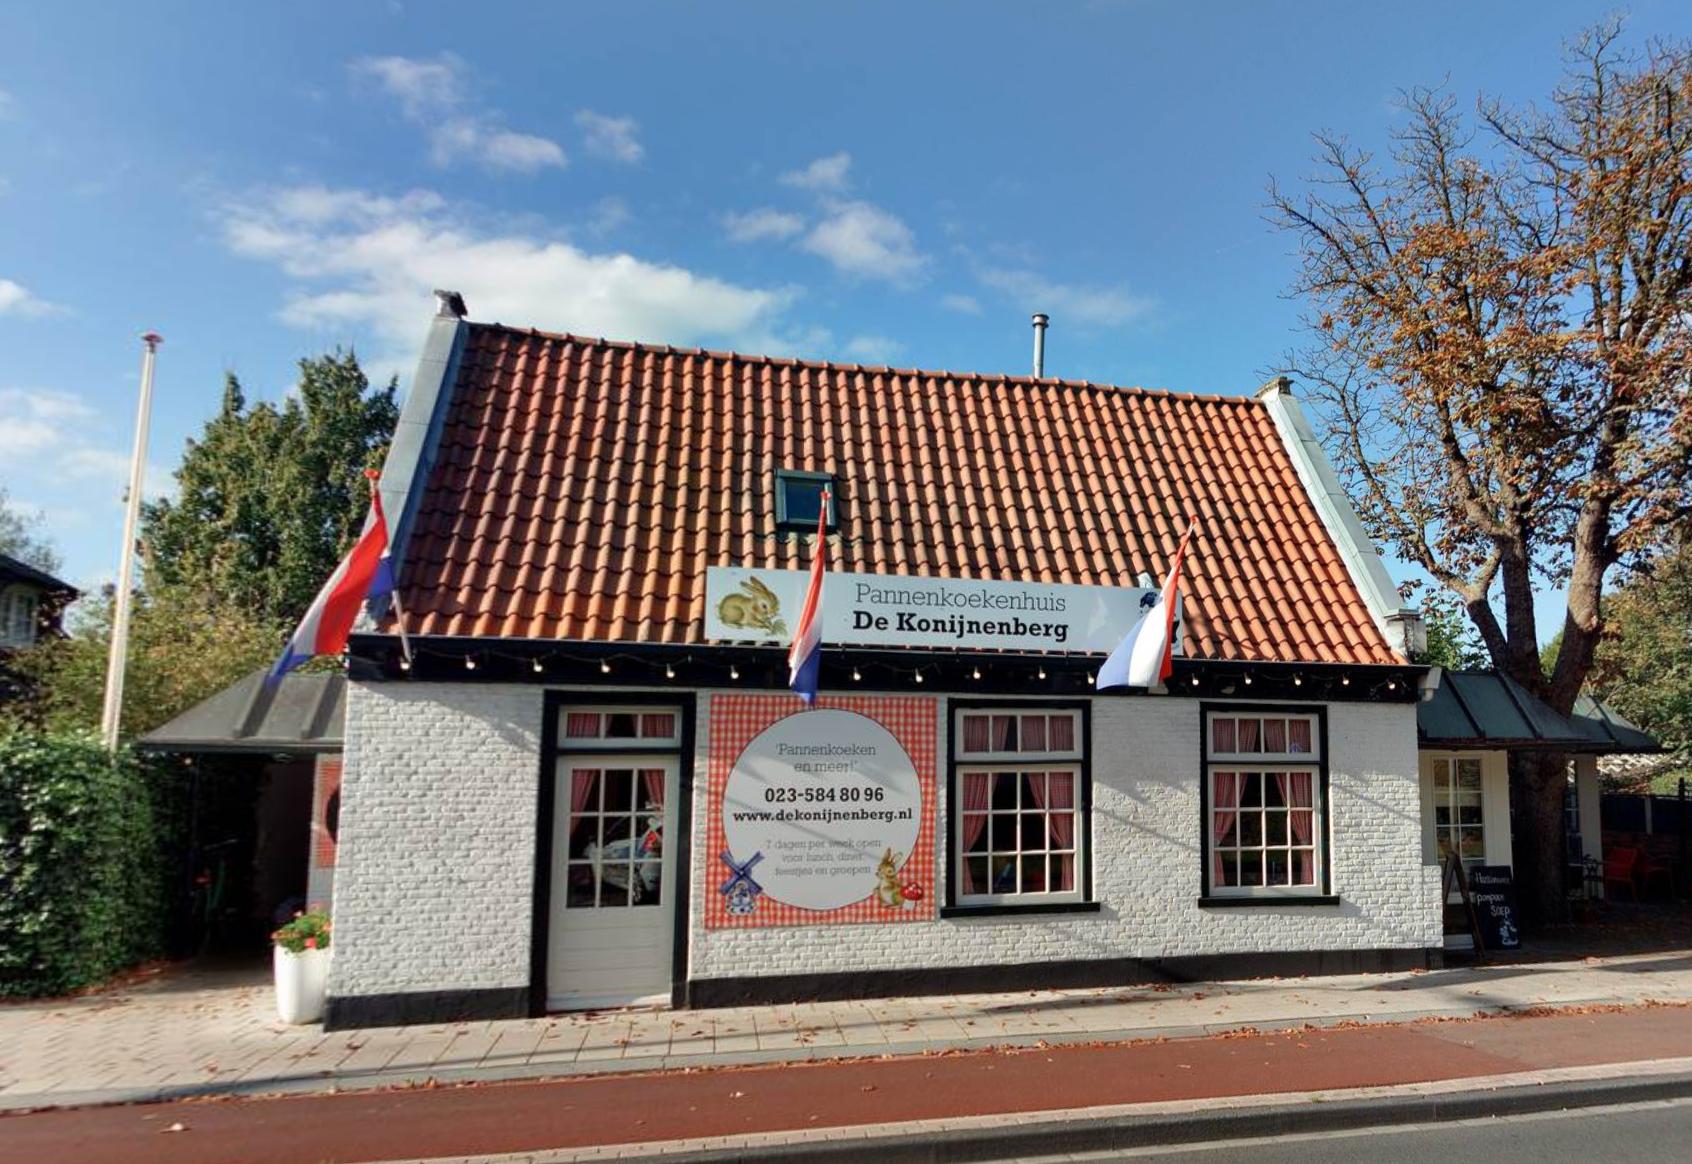 Pannenkoekenhuis De Konijnenberg in Heemstede verrast familie van Gea Weijers